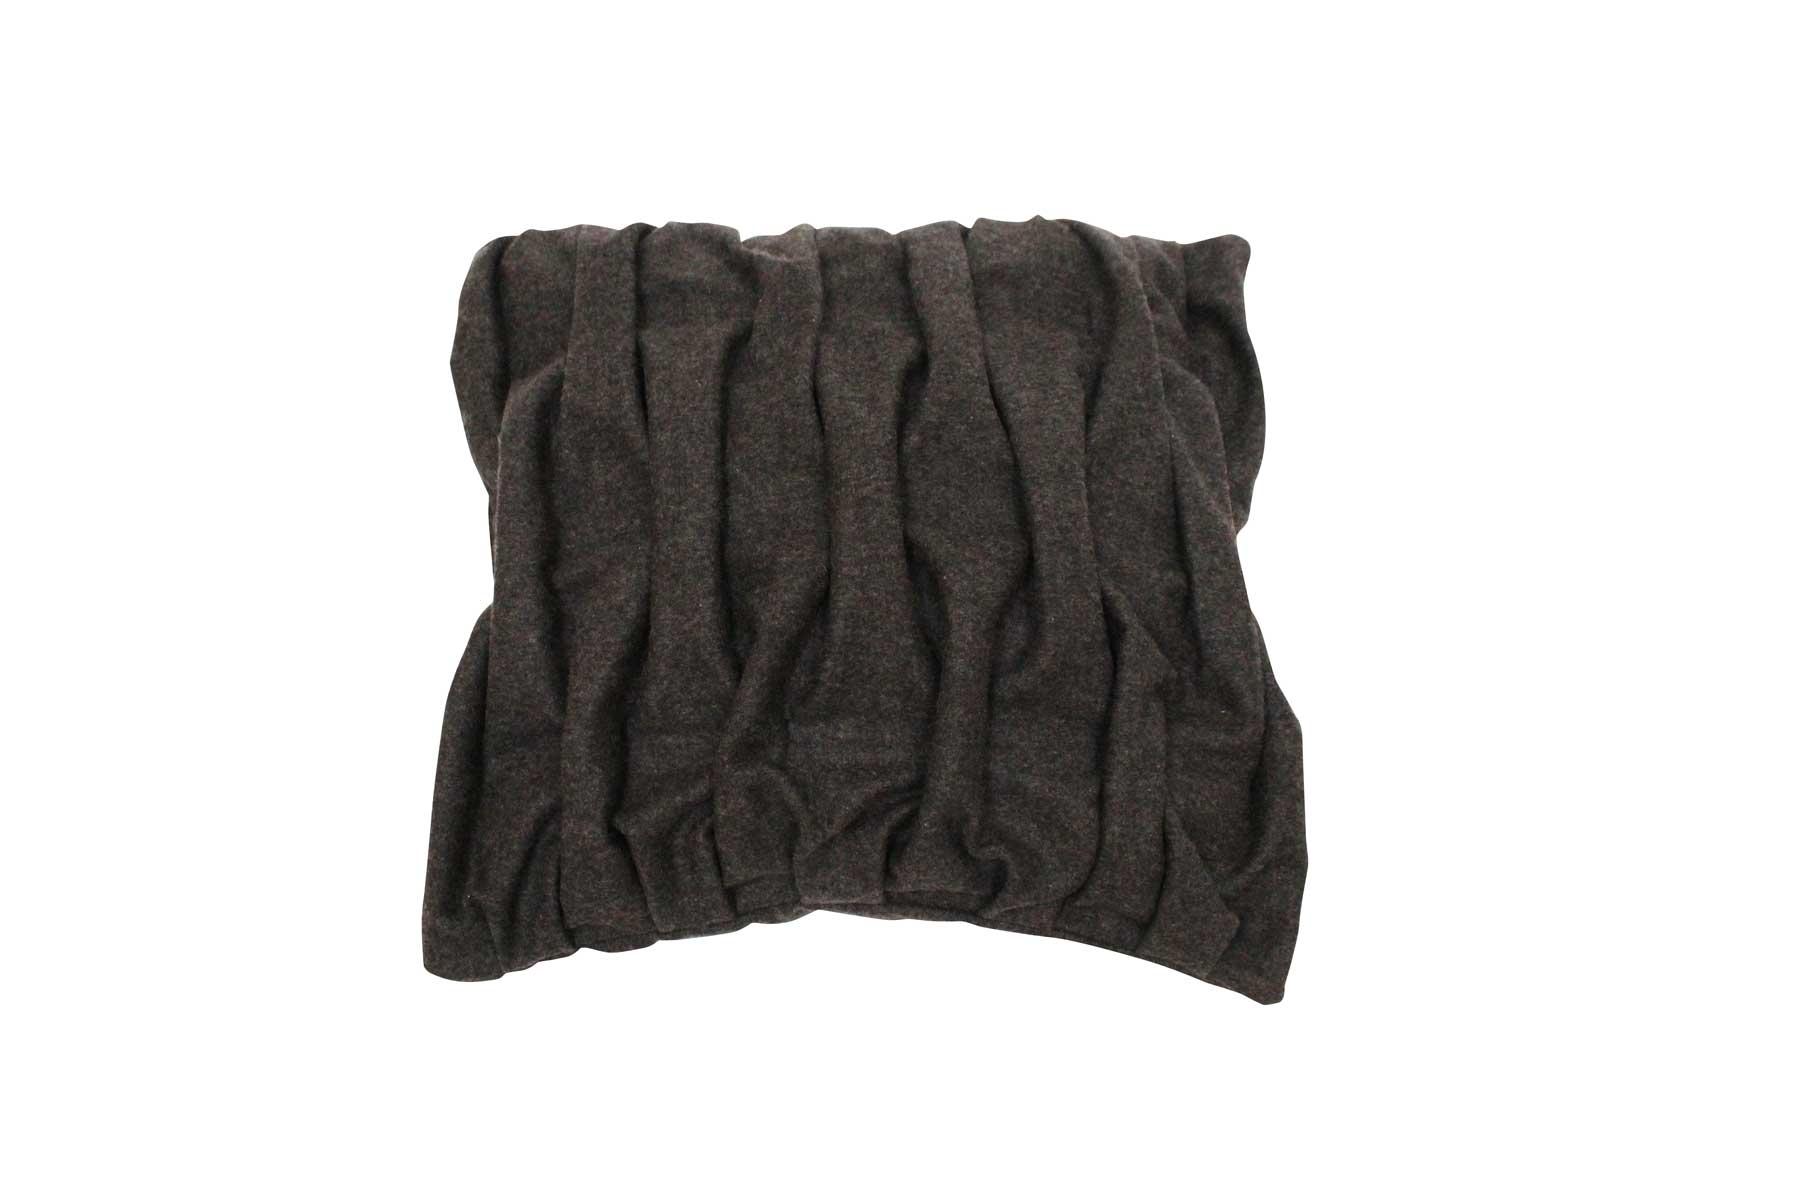 Billede af Unic sofapude, koksgrå